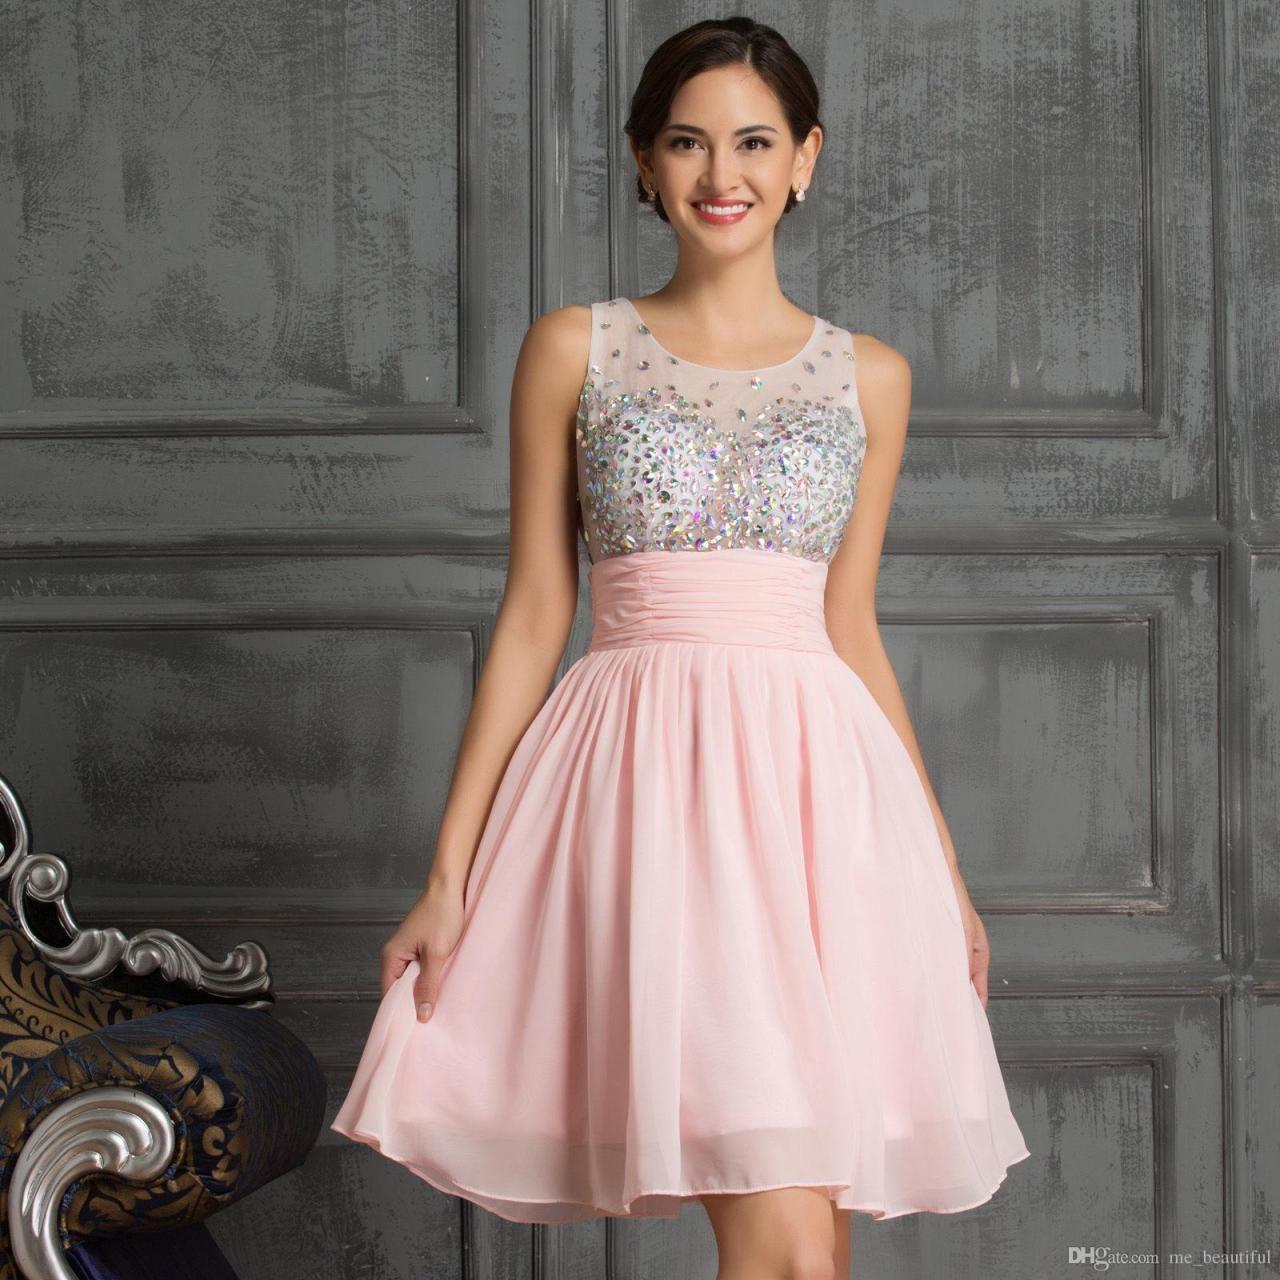 Short Semi Formal Dresses For Juniors | Analynn dresses ...